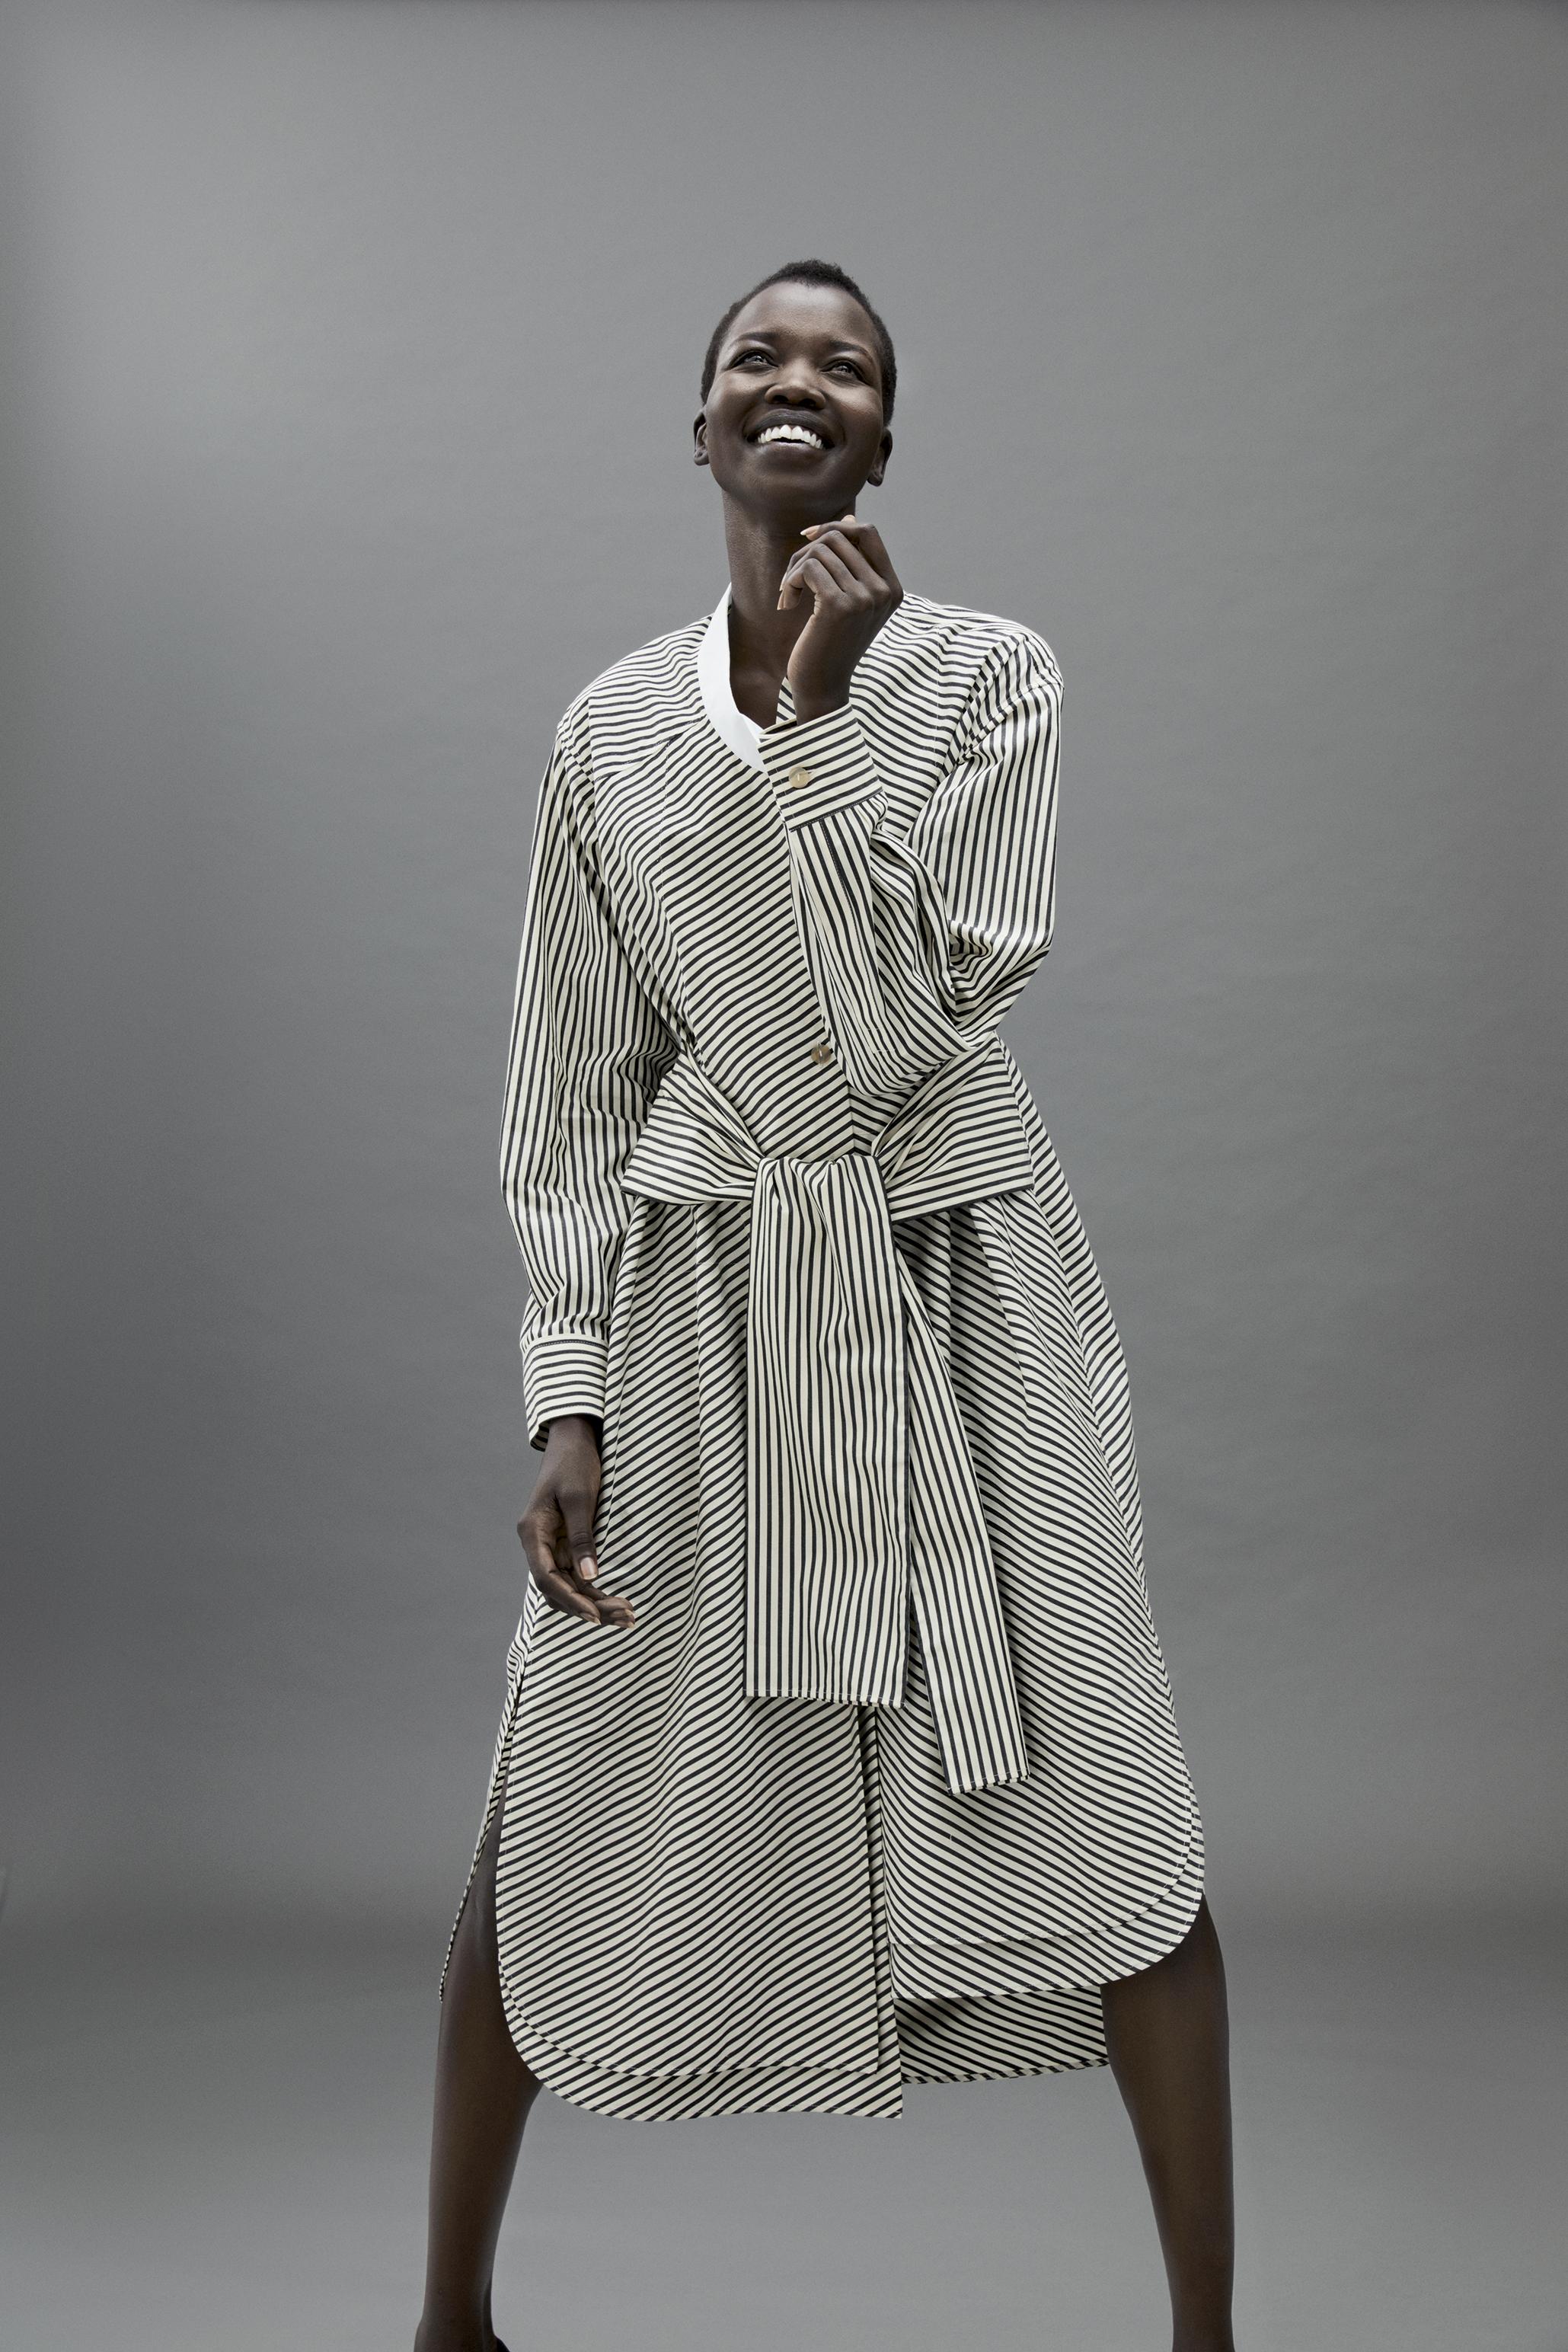 Image result for black models